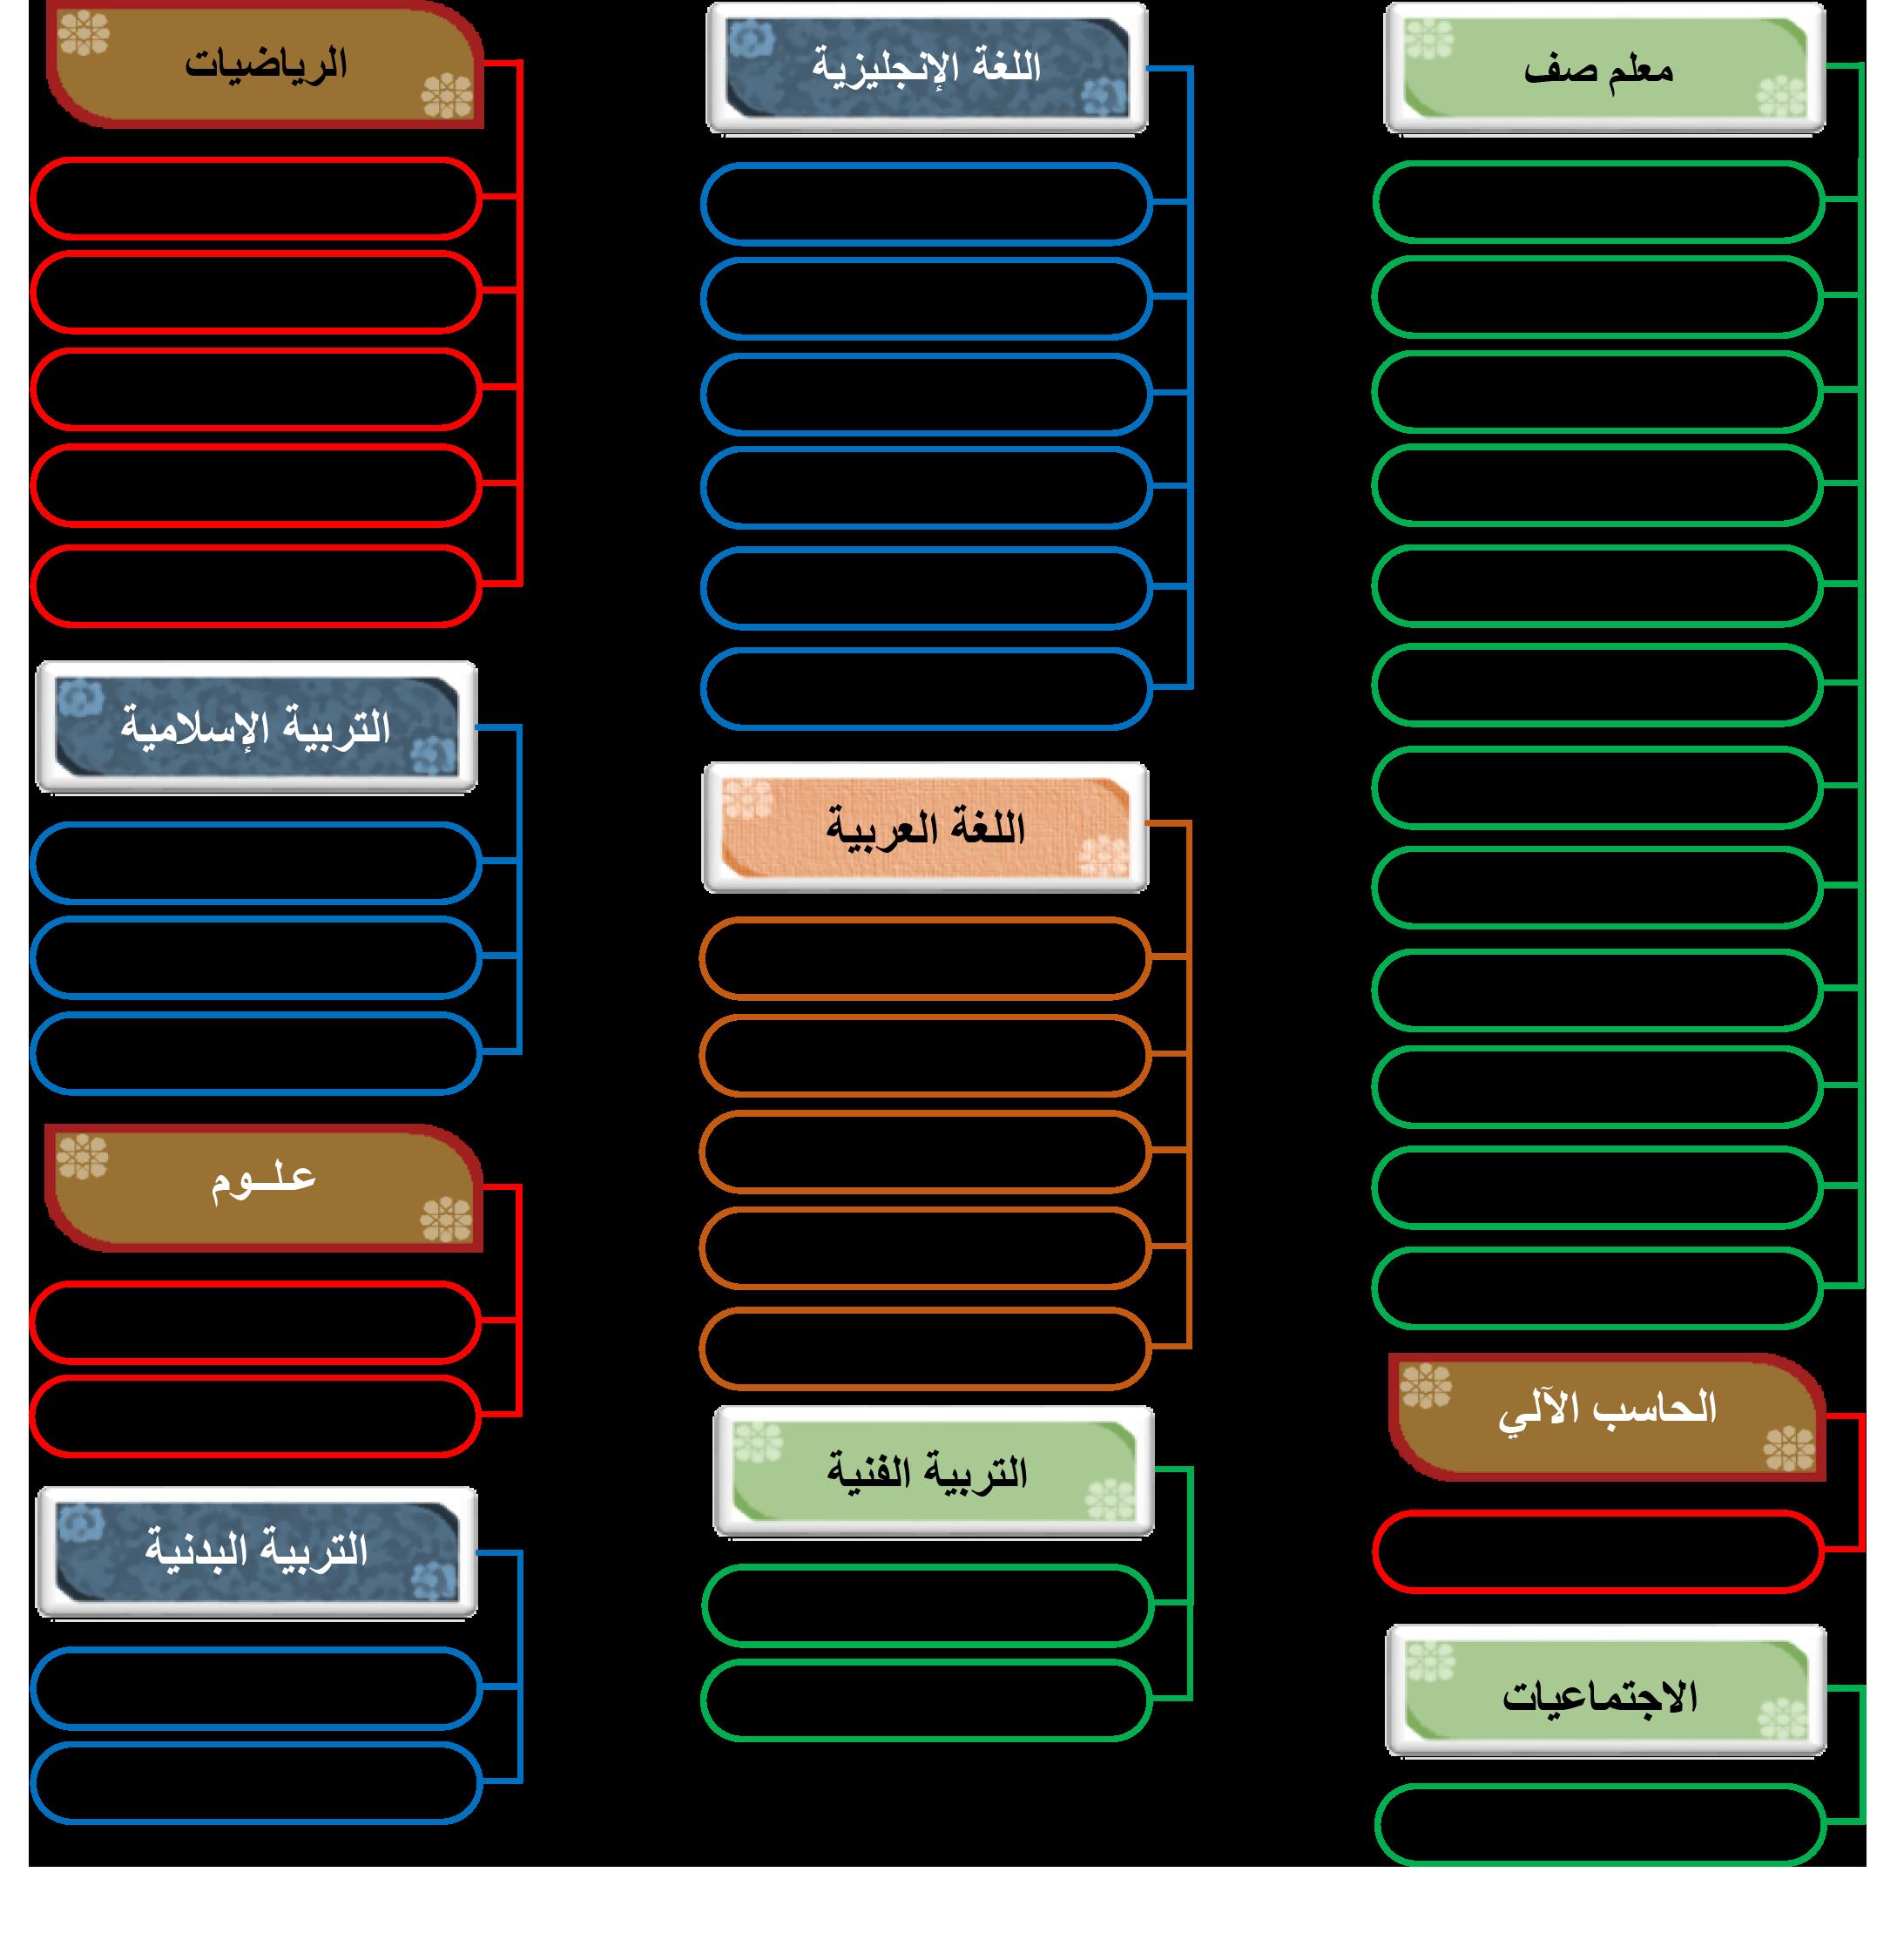 الهيئة التعليمية للقسم الابتدائي بنين